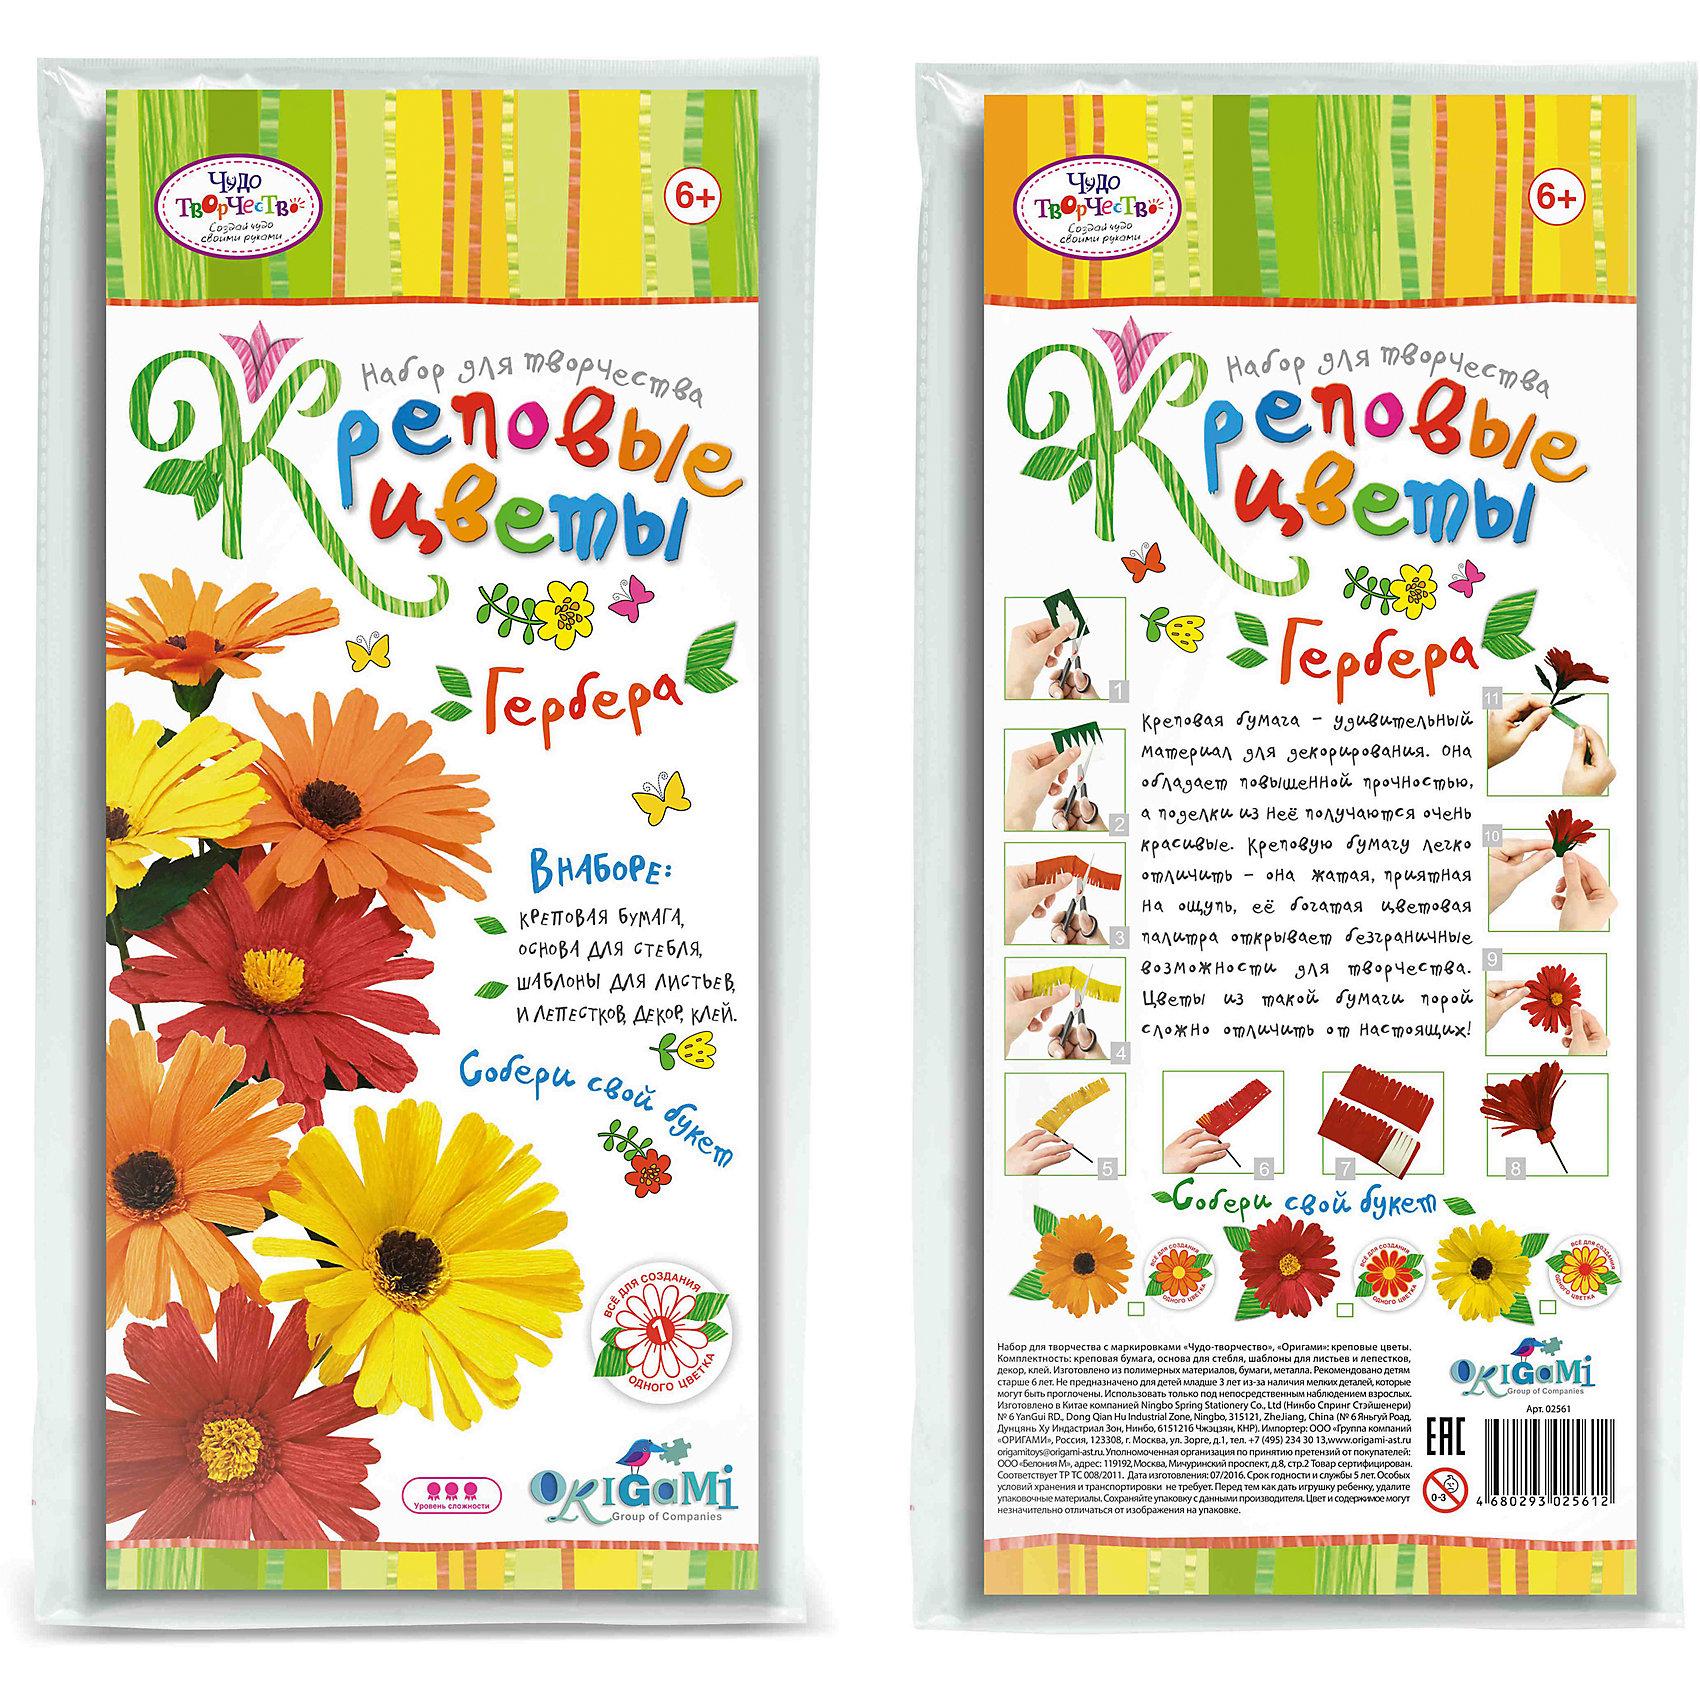 Креповые цветы своими руками Гербера 3 цвета в ассортименте.Рукоделие<br>Креповая бумага – удивительный материал для декорирования. Она обладает повышенной прочностью, а поделки из нее получаются очень красивые. Креповую бумагу легко отличить - она жатая, приятная на ощупь, ее богатая цветовая палитра открывает безграничные возможности для творчества. Цветы из такой бумаги порой сложно отличить от настоящих! В наборе все для создания 1 цветка. Собери свой букет! Рекомендуемый возраст: 6+<br><br>Ширина мм: 150<br>Глубина мм: 20<br>Высота мм: 350<br>Вес г: 70<br>Возраст от месяцев: 72<br>Возраст до месяцев: 108<br>Пол: Женский<br>Возраст: Детский<br>SKU: 5165801